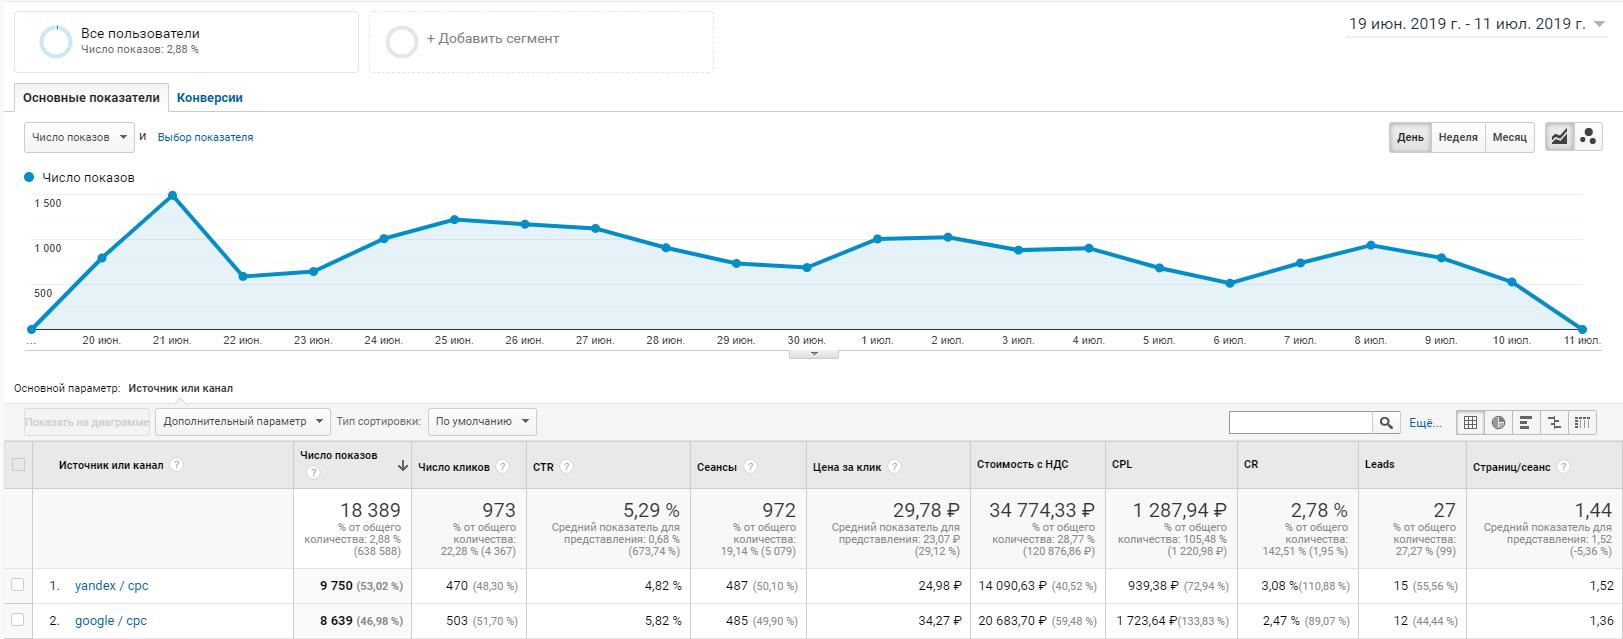 statistika_po_napravleniyu_avtoservisa_iz_google_analytics